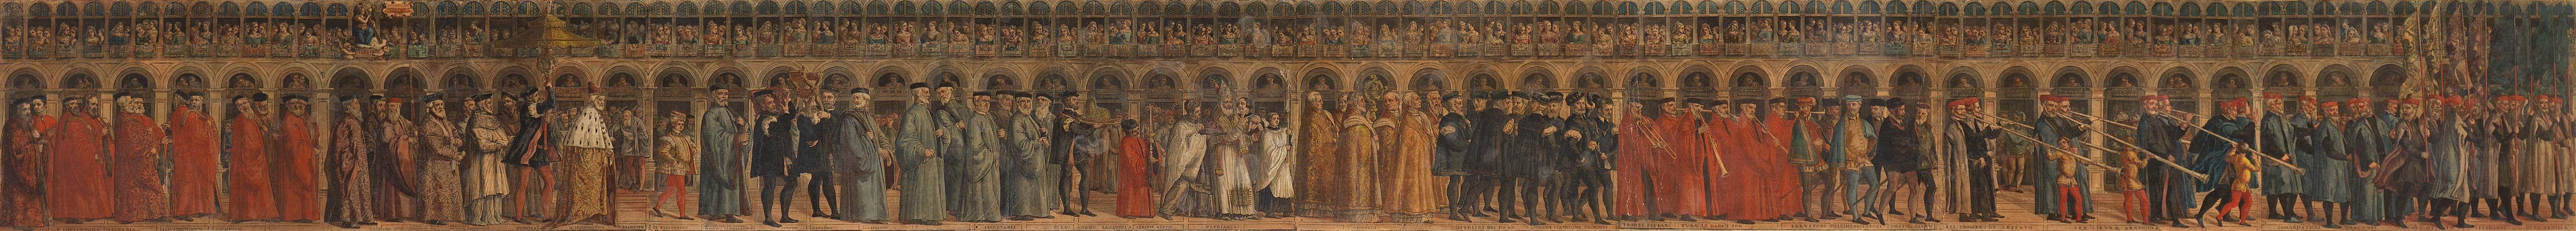 Processione del Doge nella Domenica delle Palme - Matteo Pagan (?-1562) Doge, Spazi, Arredamento D'interni, Style